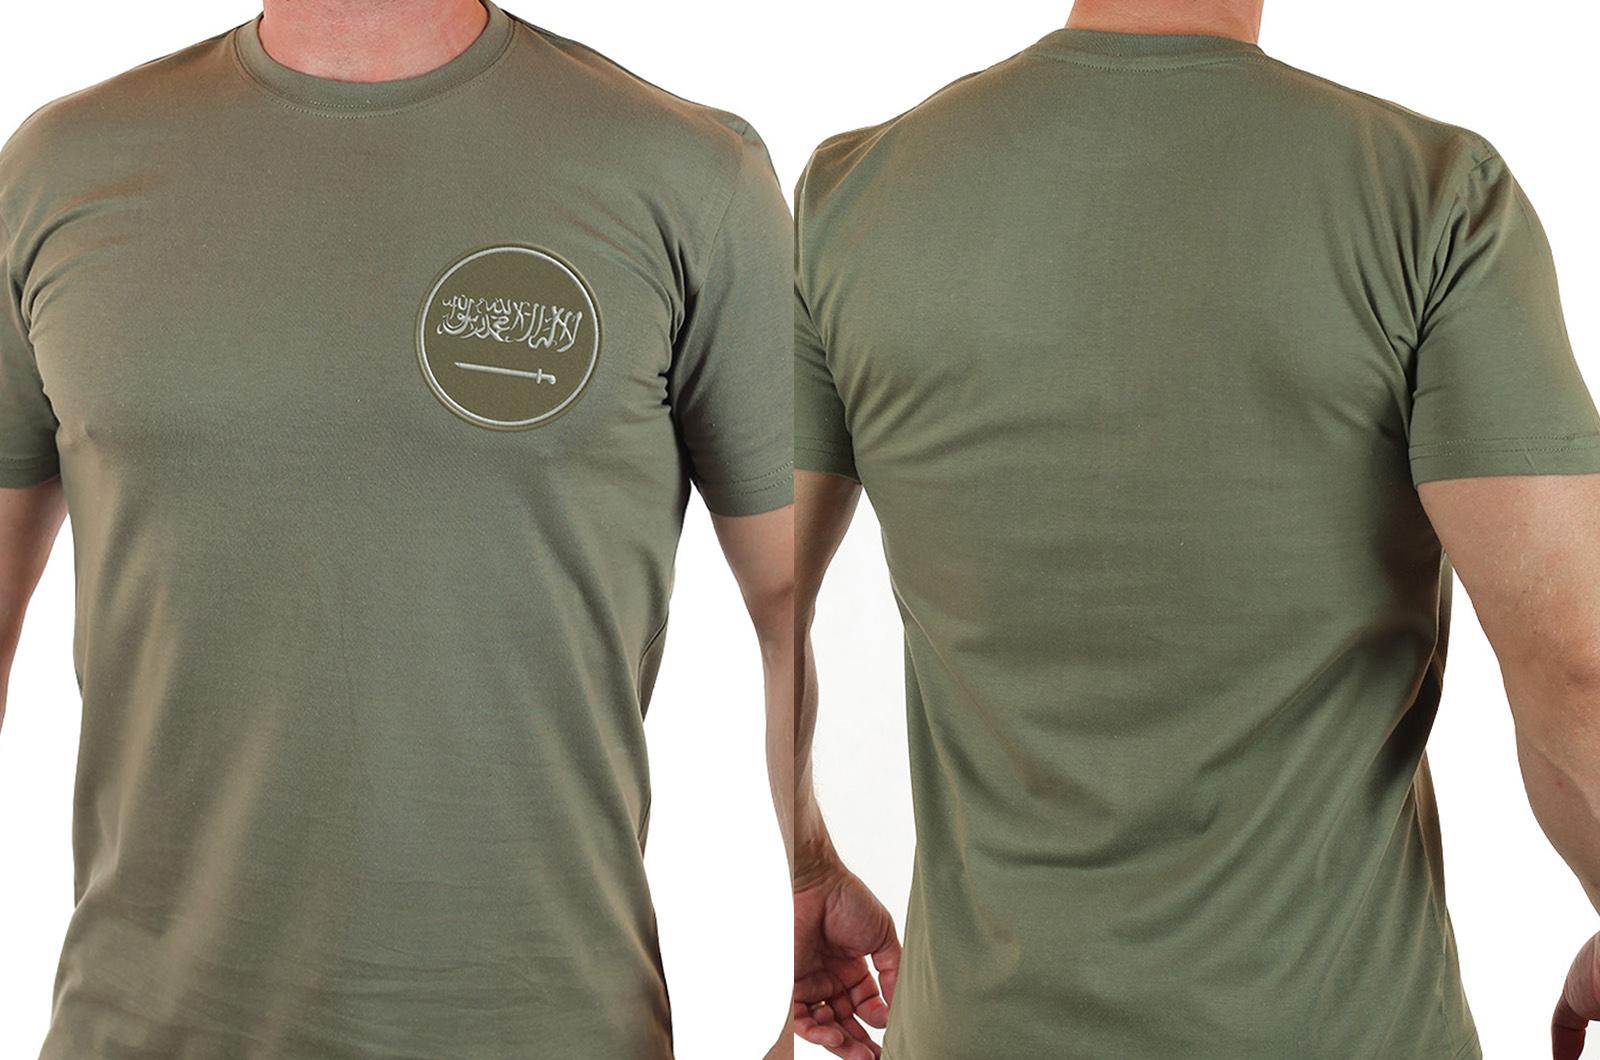 Мужская армейская футболка с символикой Саудовской Аравии